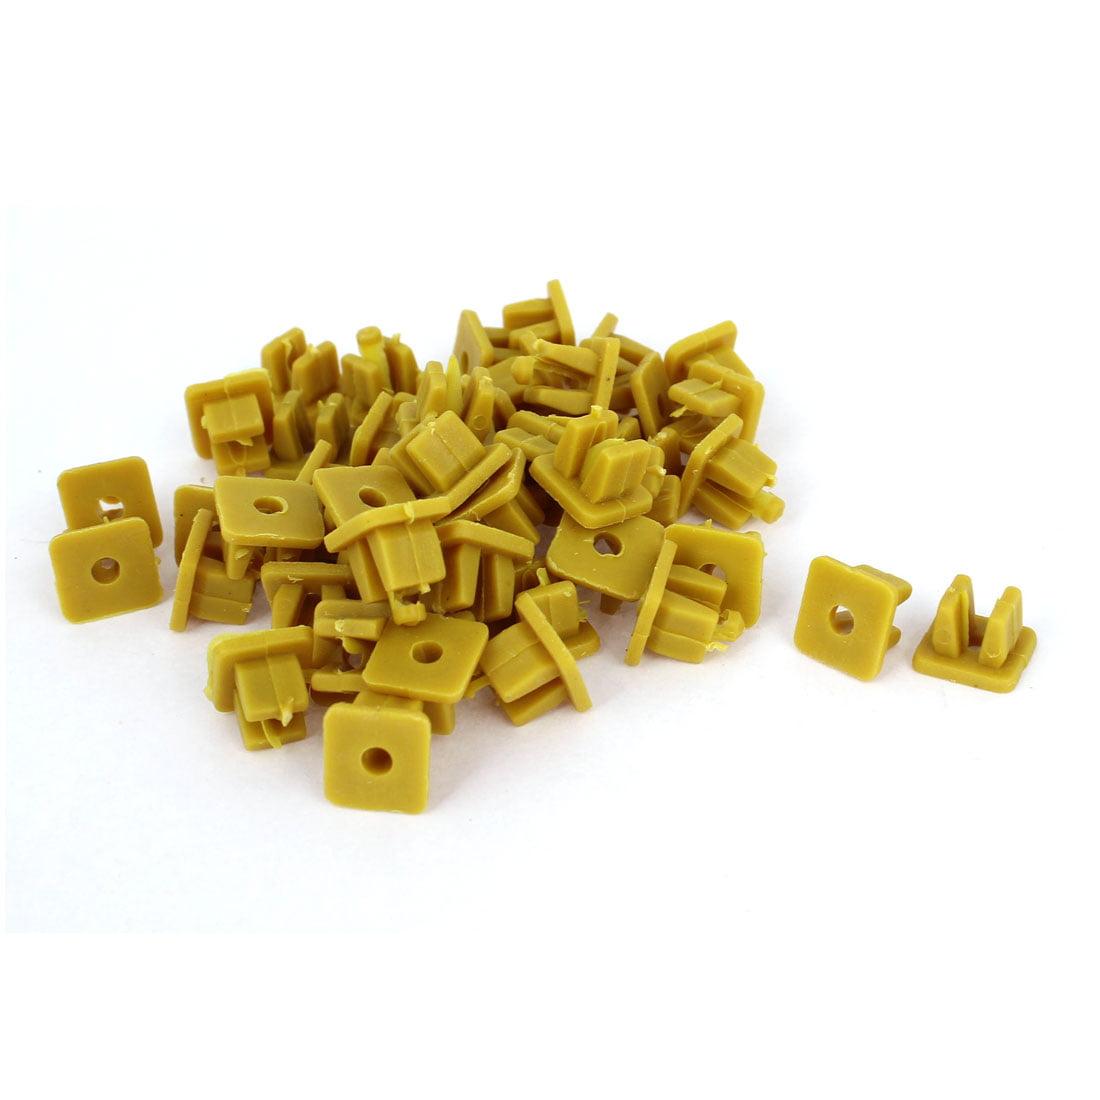 50 Pcs Khaki Plastic Rivet Fastener Mud Flaps Bumper Clips 10mm x 10mm x 13mm